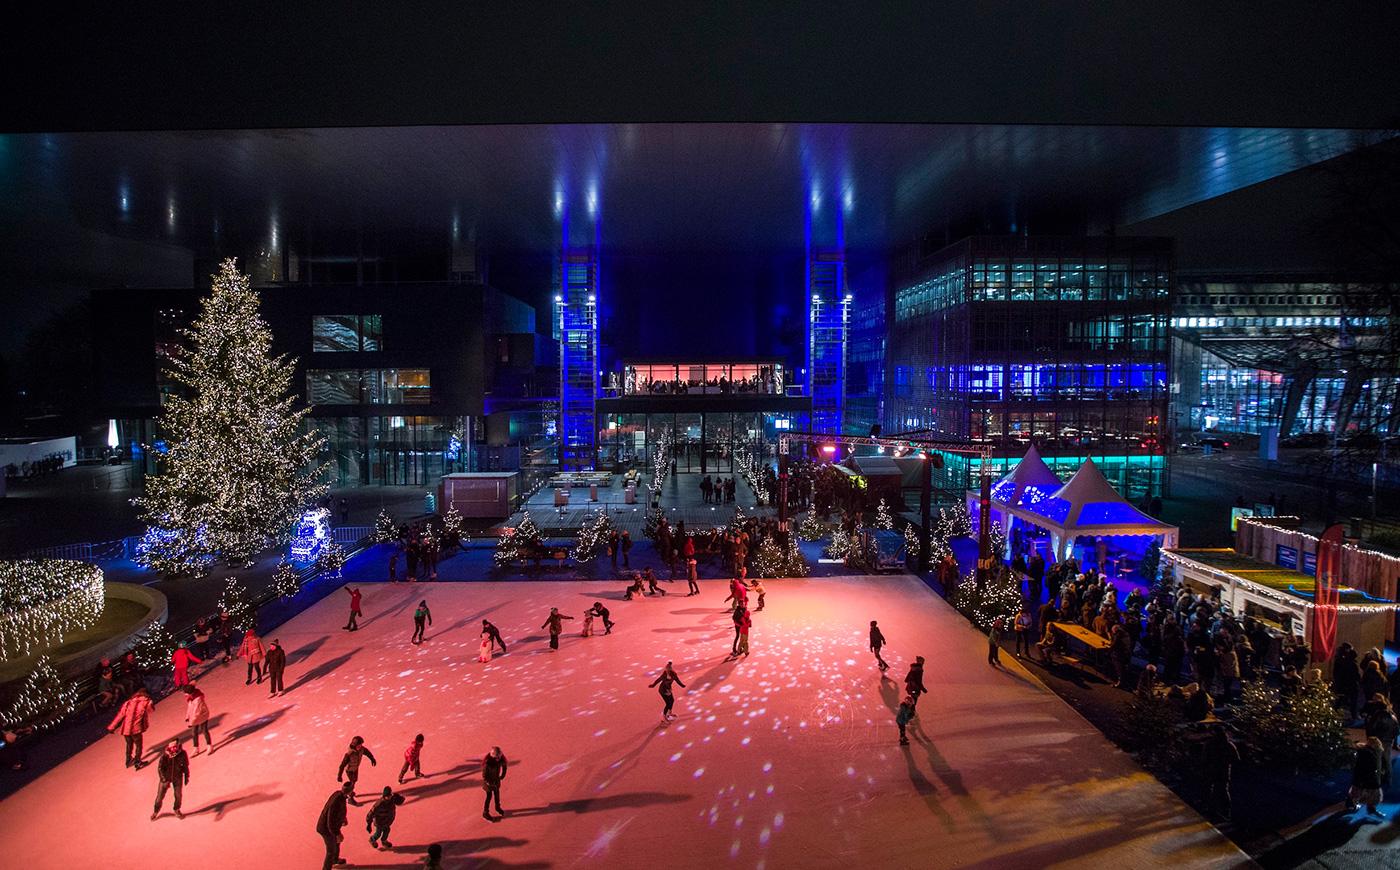 Das KKL ist wieder im Weihnachtsfieber: Eisfeld und Glühweinstände auf dem Europaplatz.